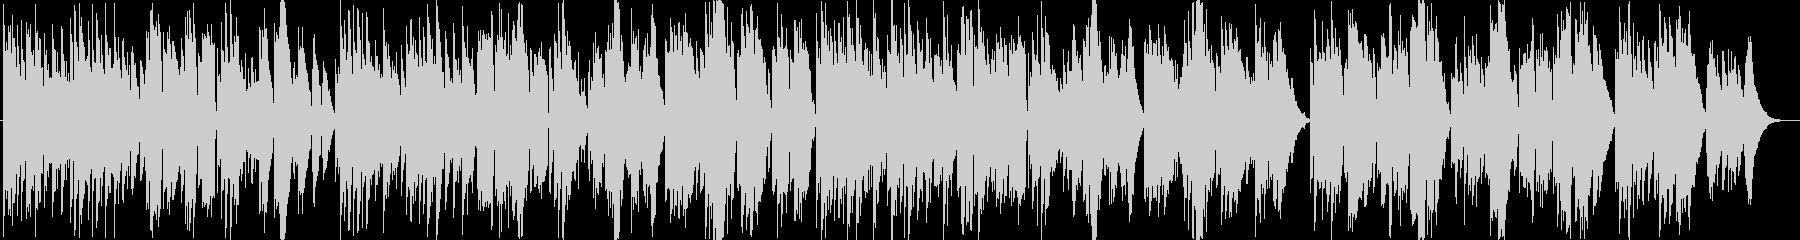 アコースティックソロギター/落ち葉の幻想の未再生の波形